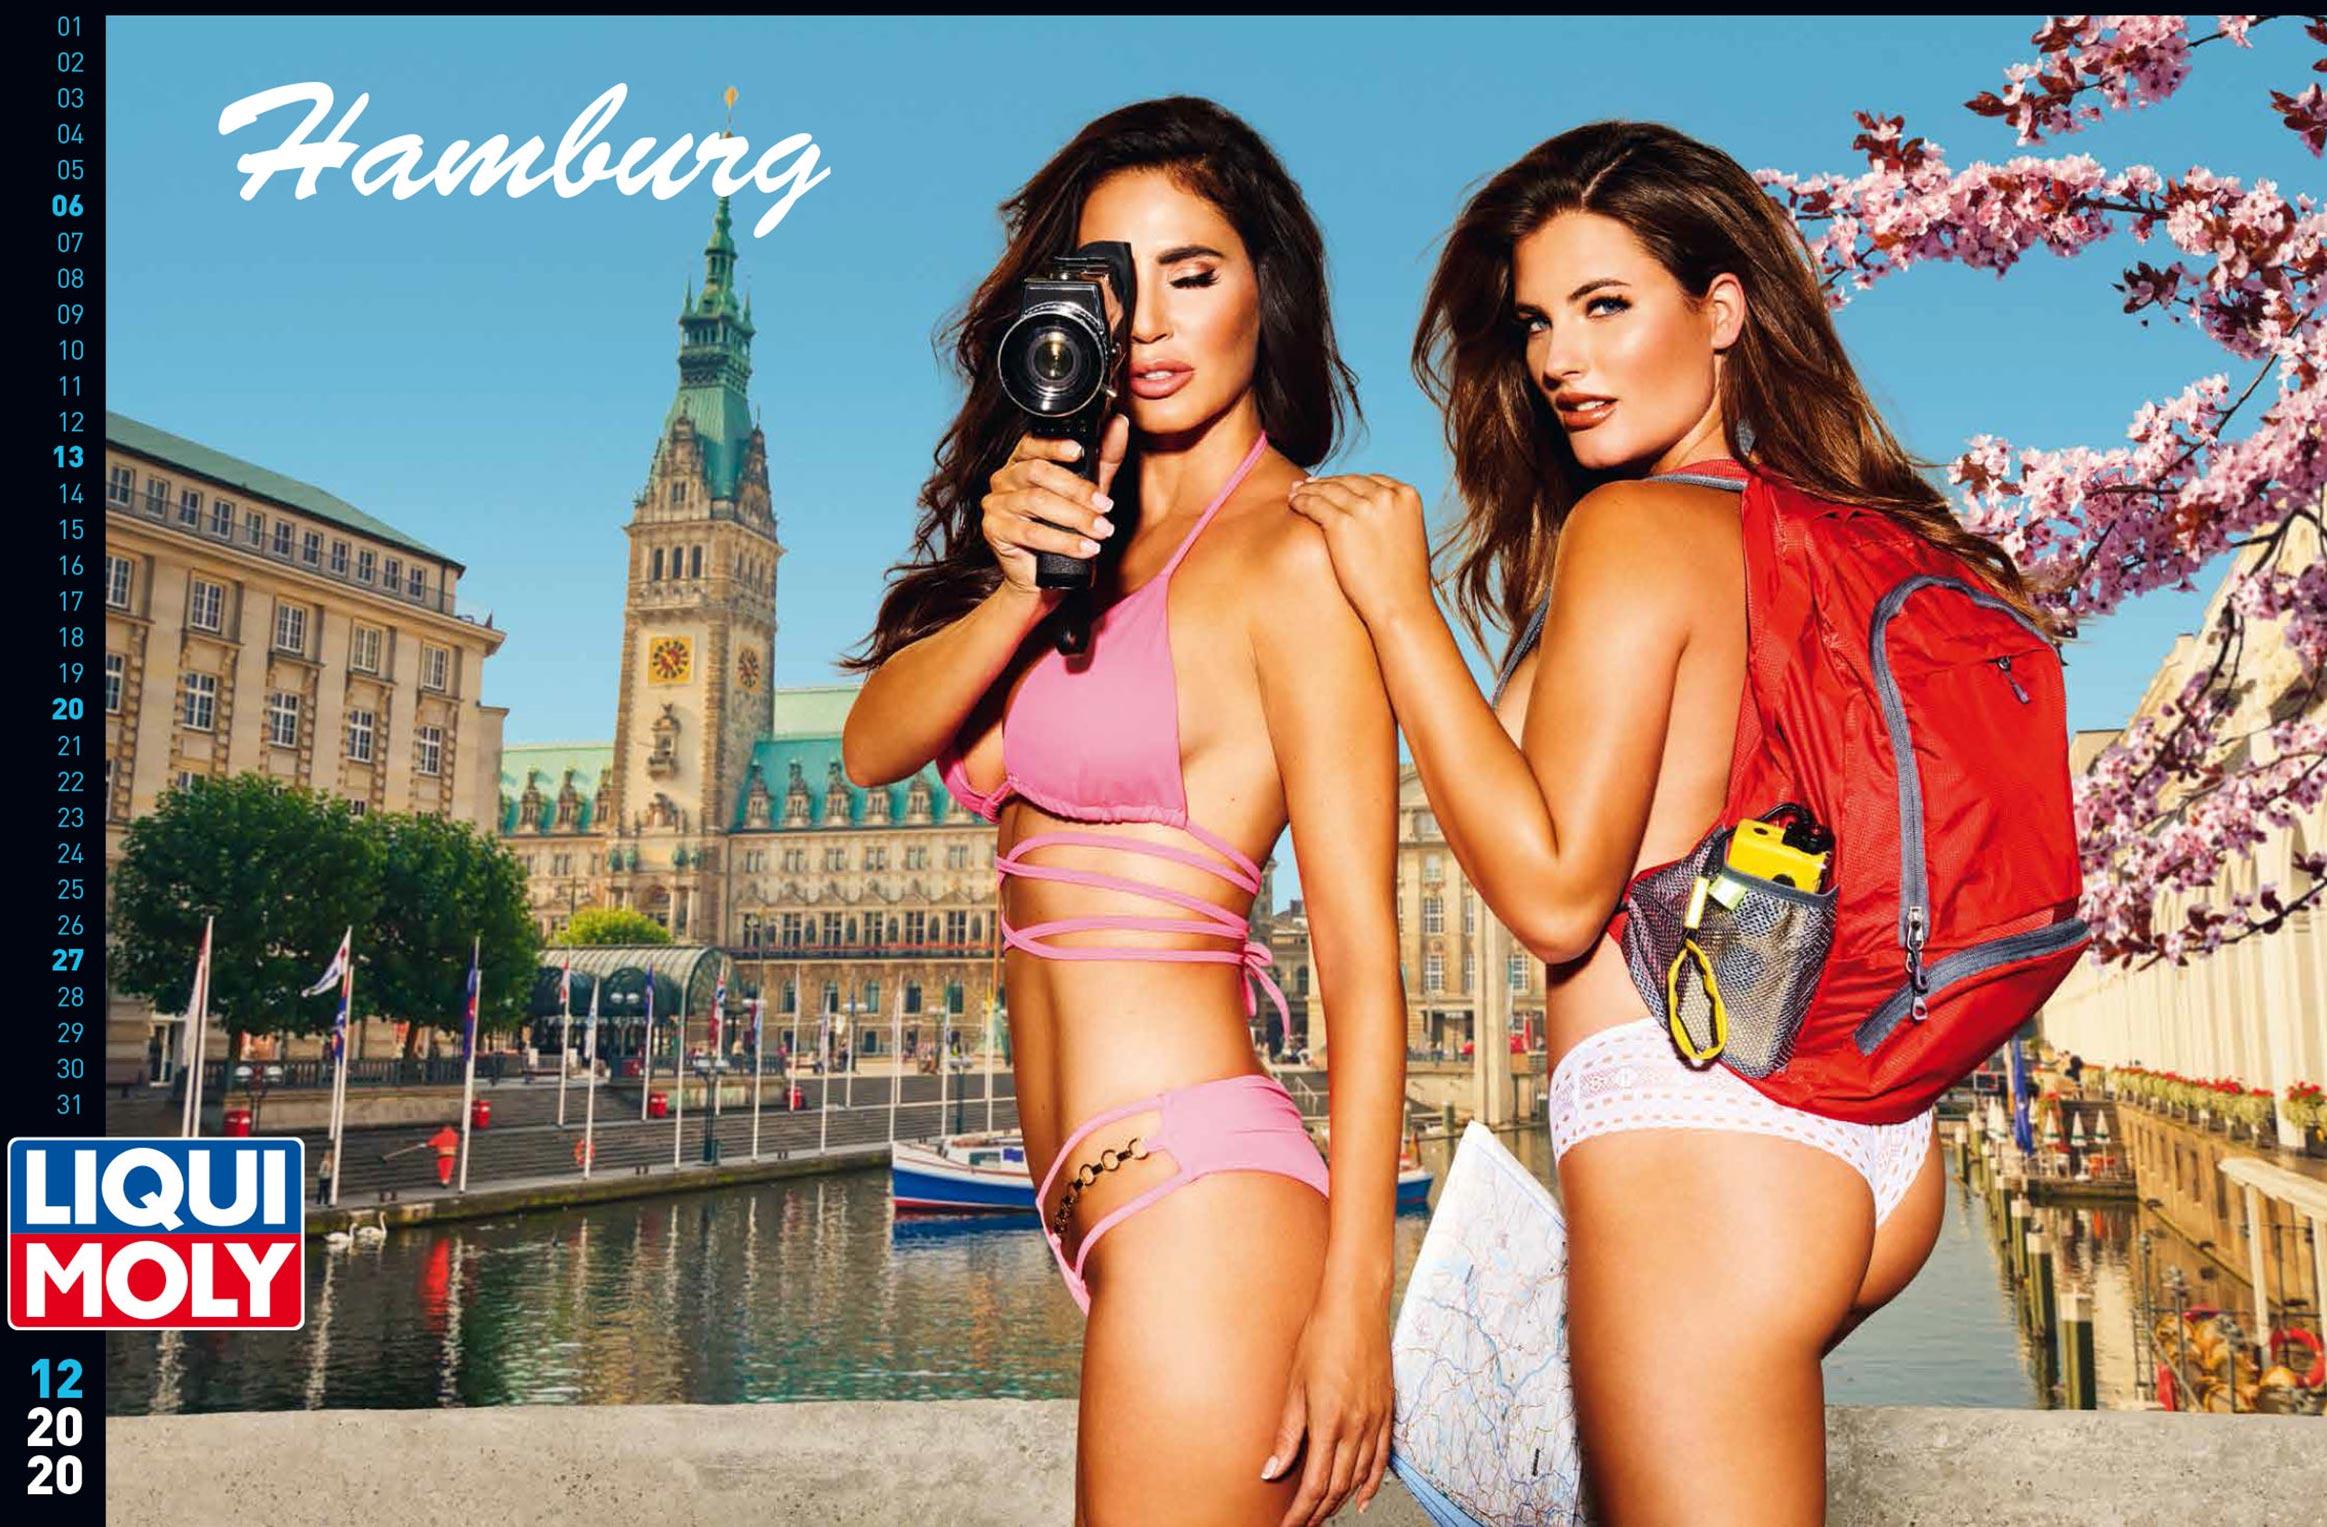 Фирменный календарь с девушками автоконцерна Liqui Moly на 2021 год / декабрь 2020